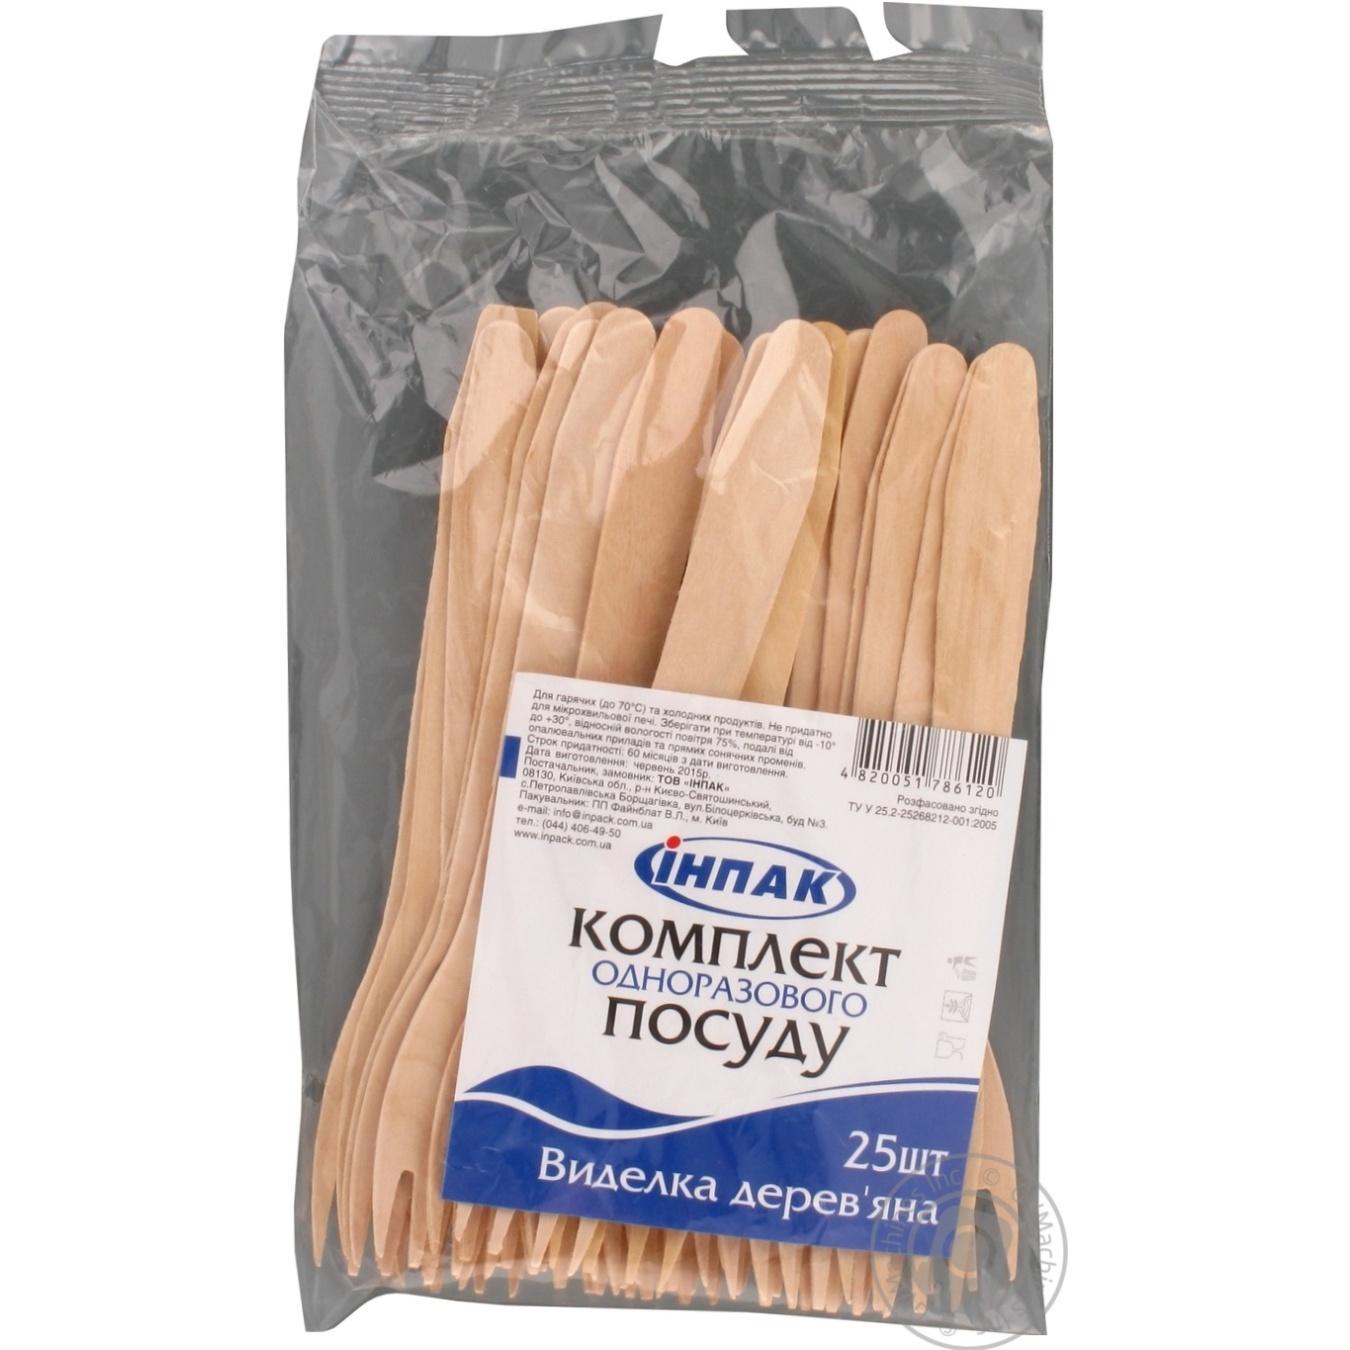 Купить Вилка Инпак деревянная 25шт